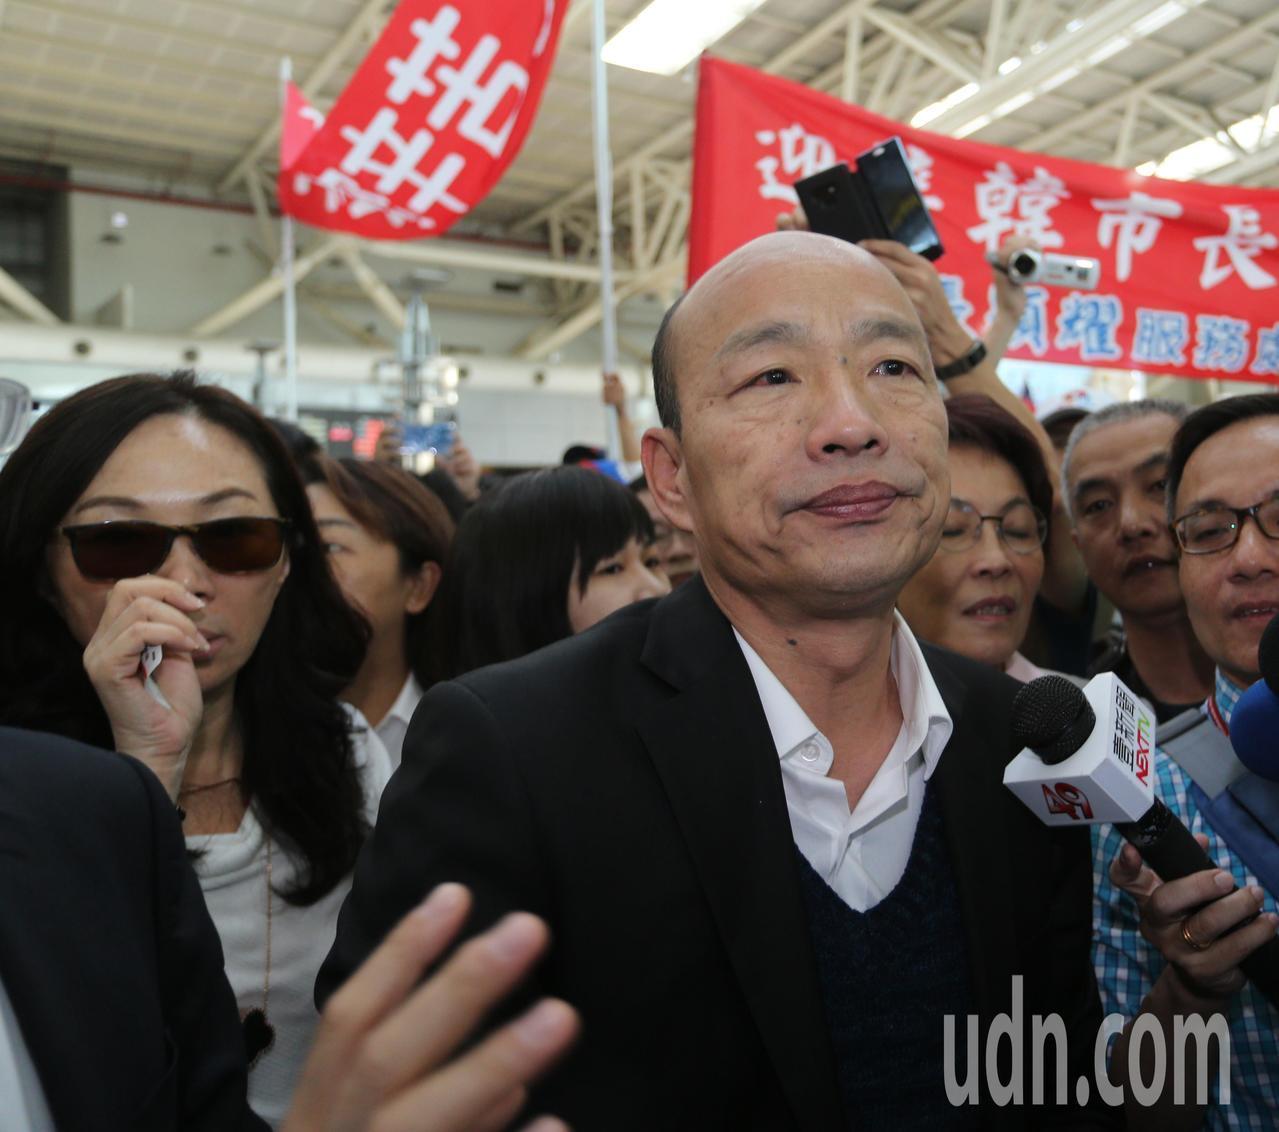 高雄市長韓國瑜今天上午從美國返國後,立即搭高鐵回高雄市府上班,拱他選總統的聲音不...